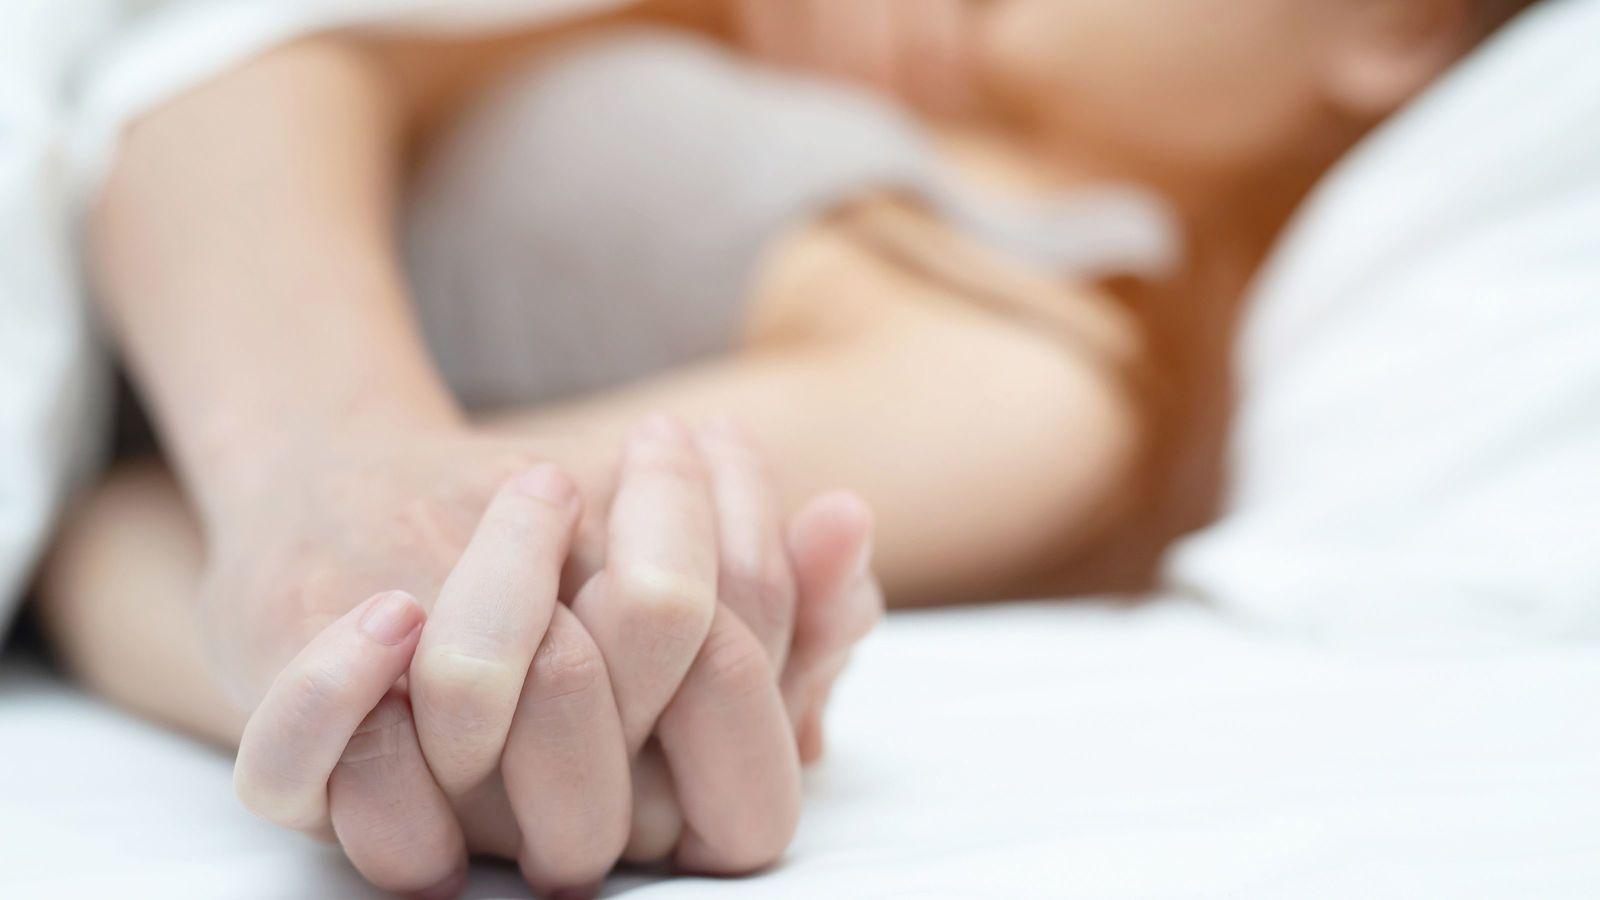 「○日○時までしない」で妻の性欲は引き出せる 「性欲を感じるべき」の呪縛を解く